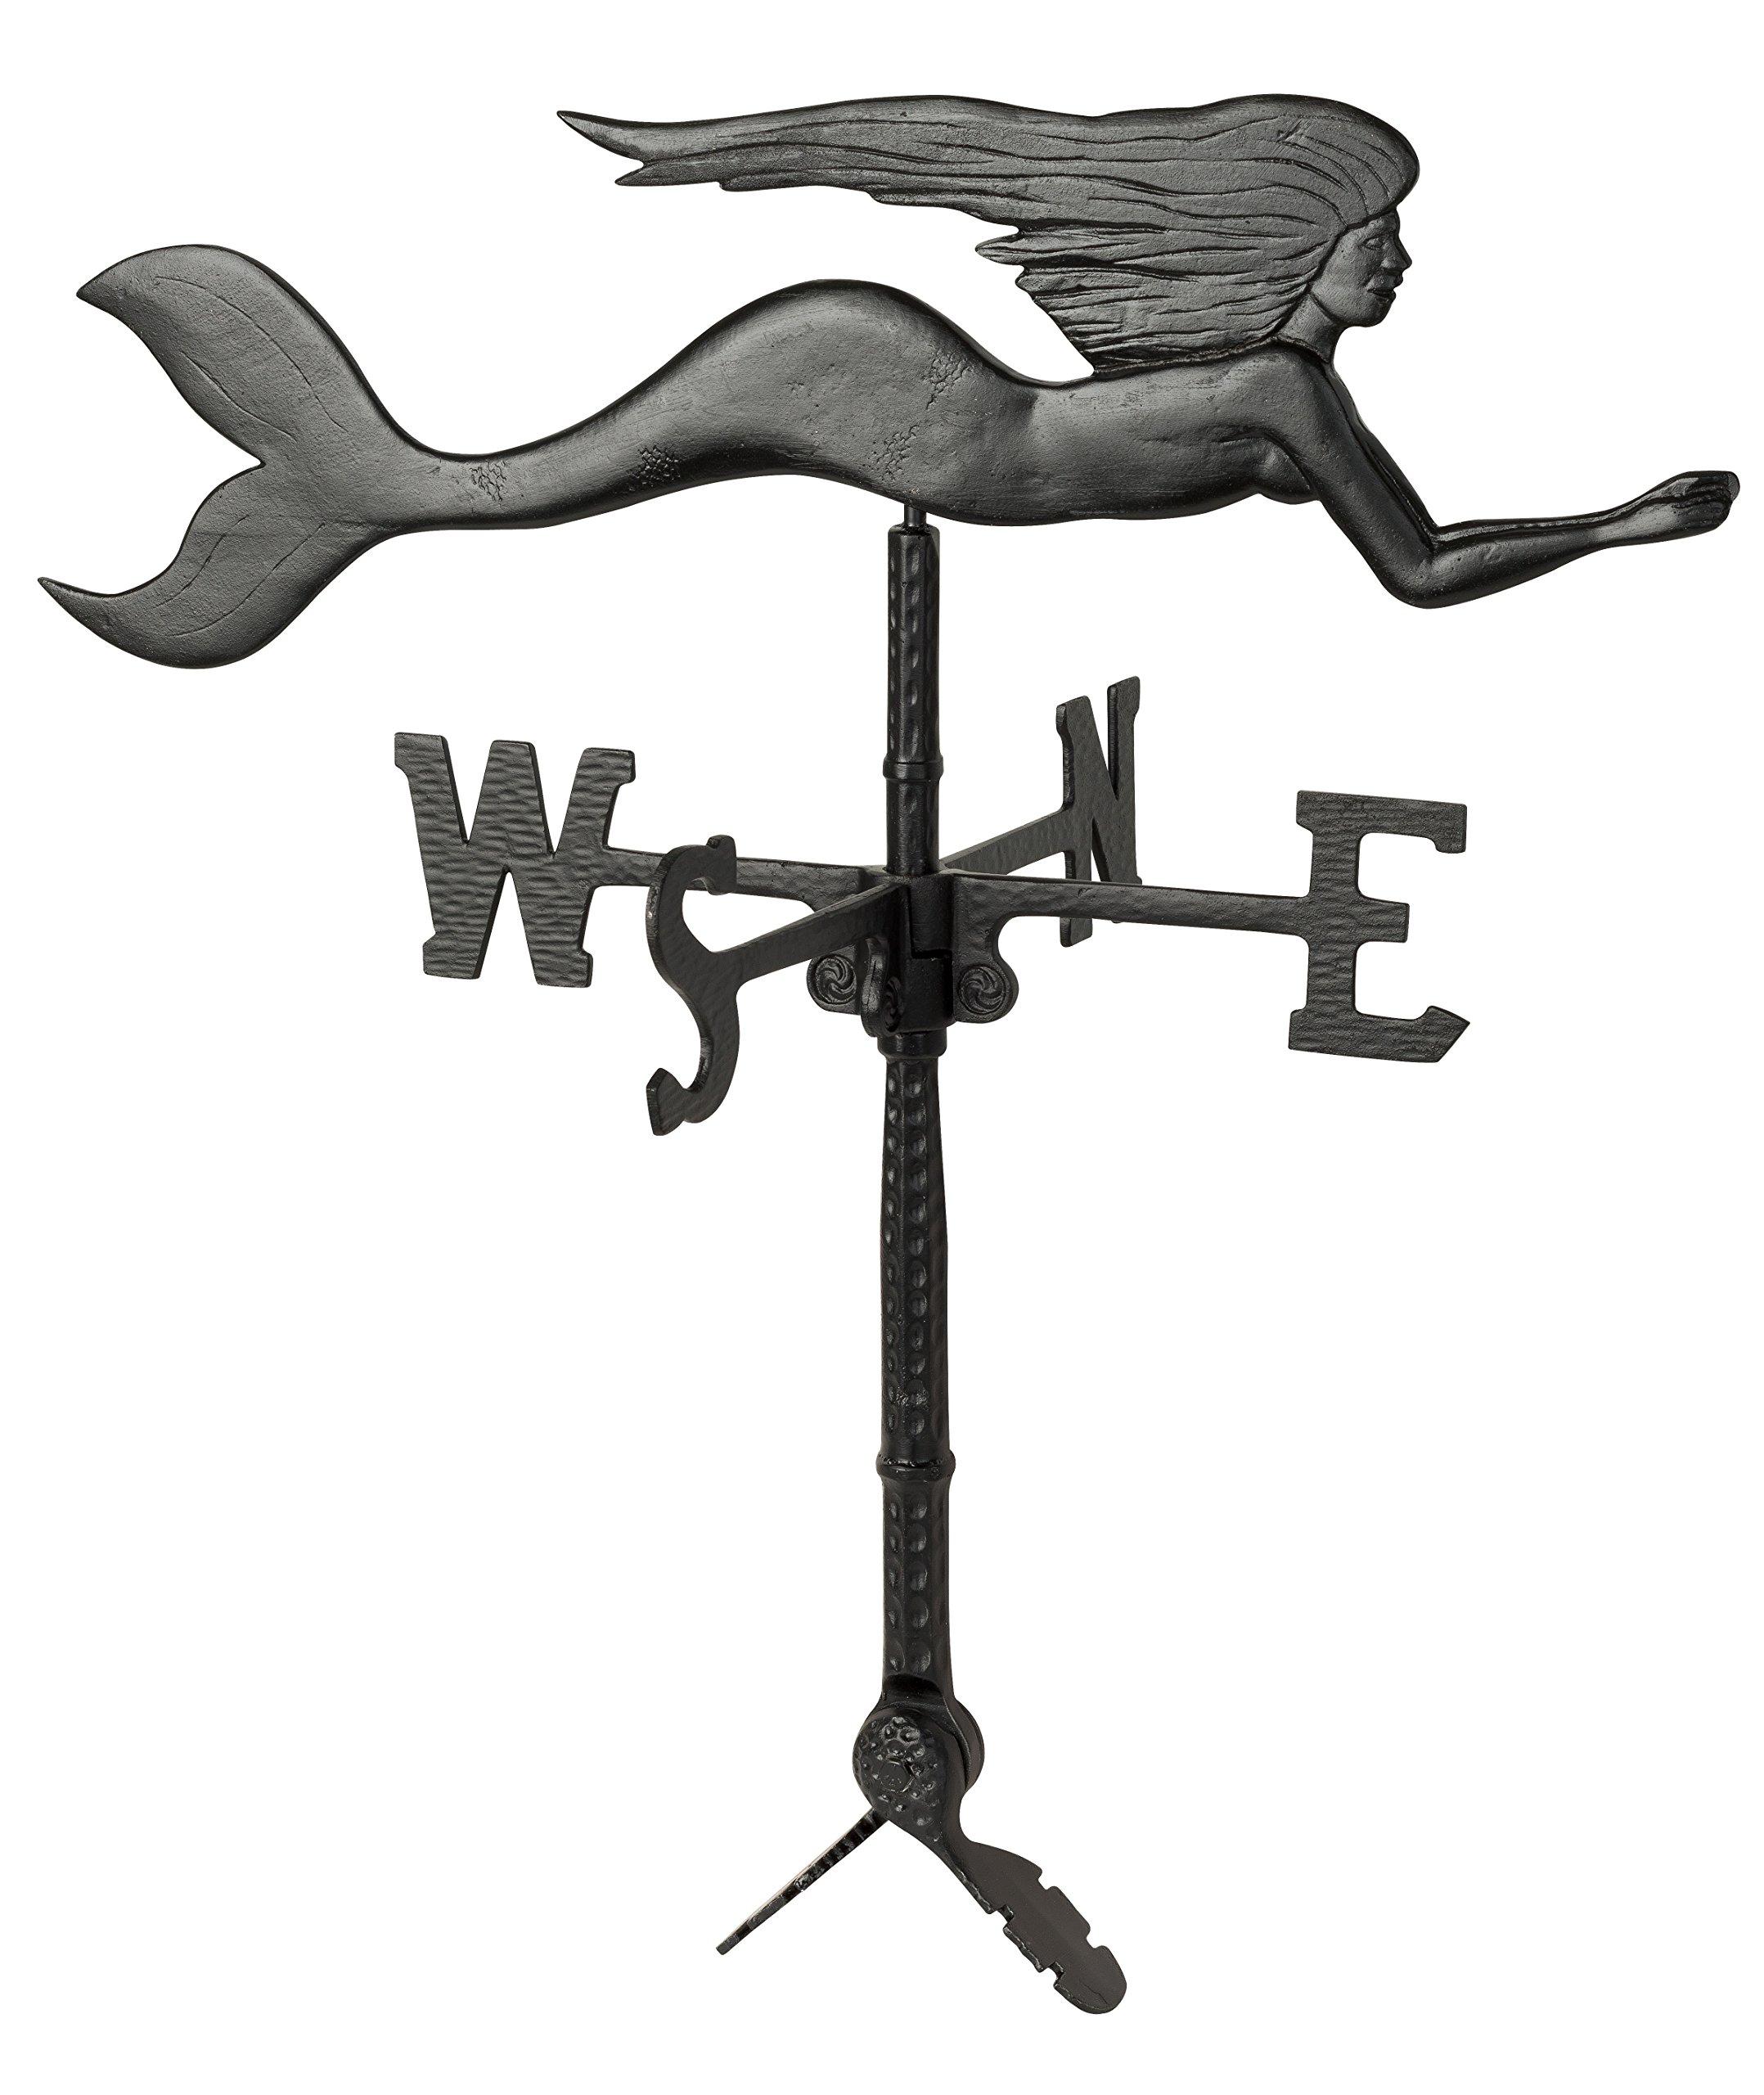 Montague Metal Products WV-286-SB Mermaid Weathervane, 32'', Black